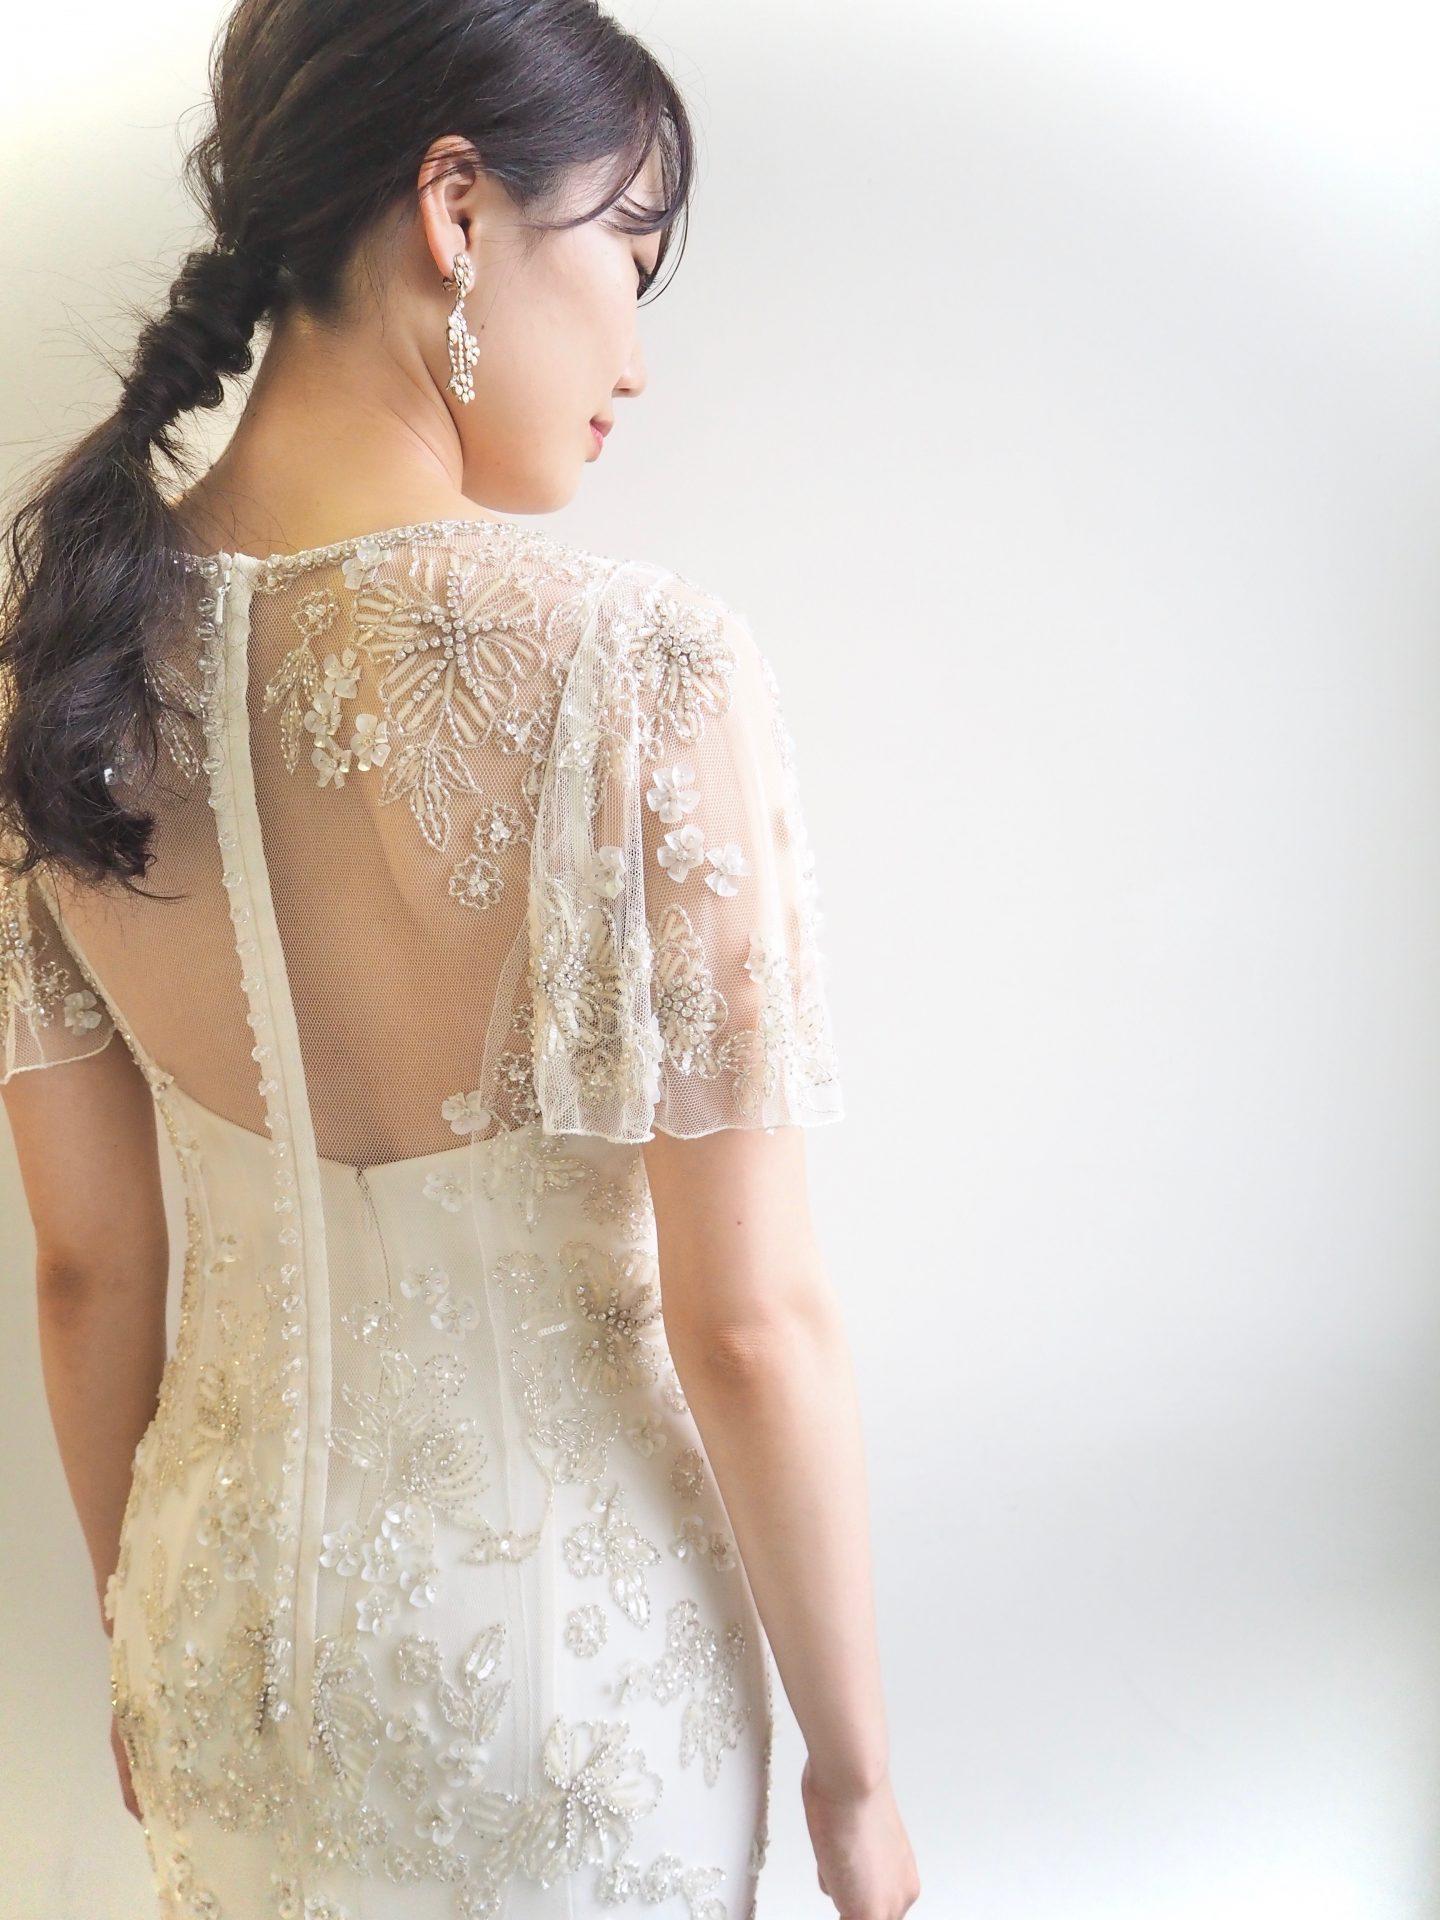 立体感のあるビーズがゲストの目を引く細身のウェディングドレスにラフなローポニーでまとめた大ぶりなイヤリングを合わせたコーディネート。